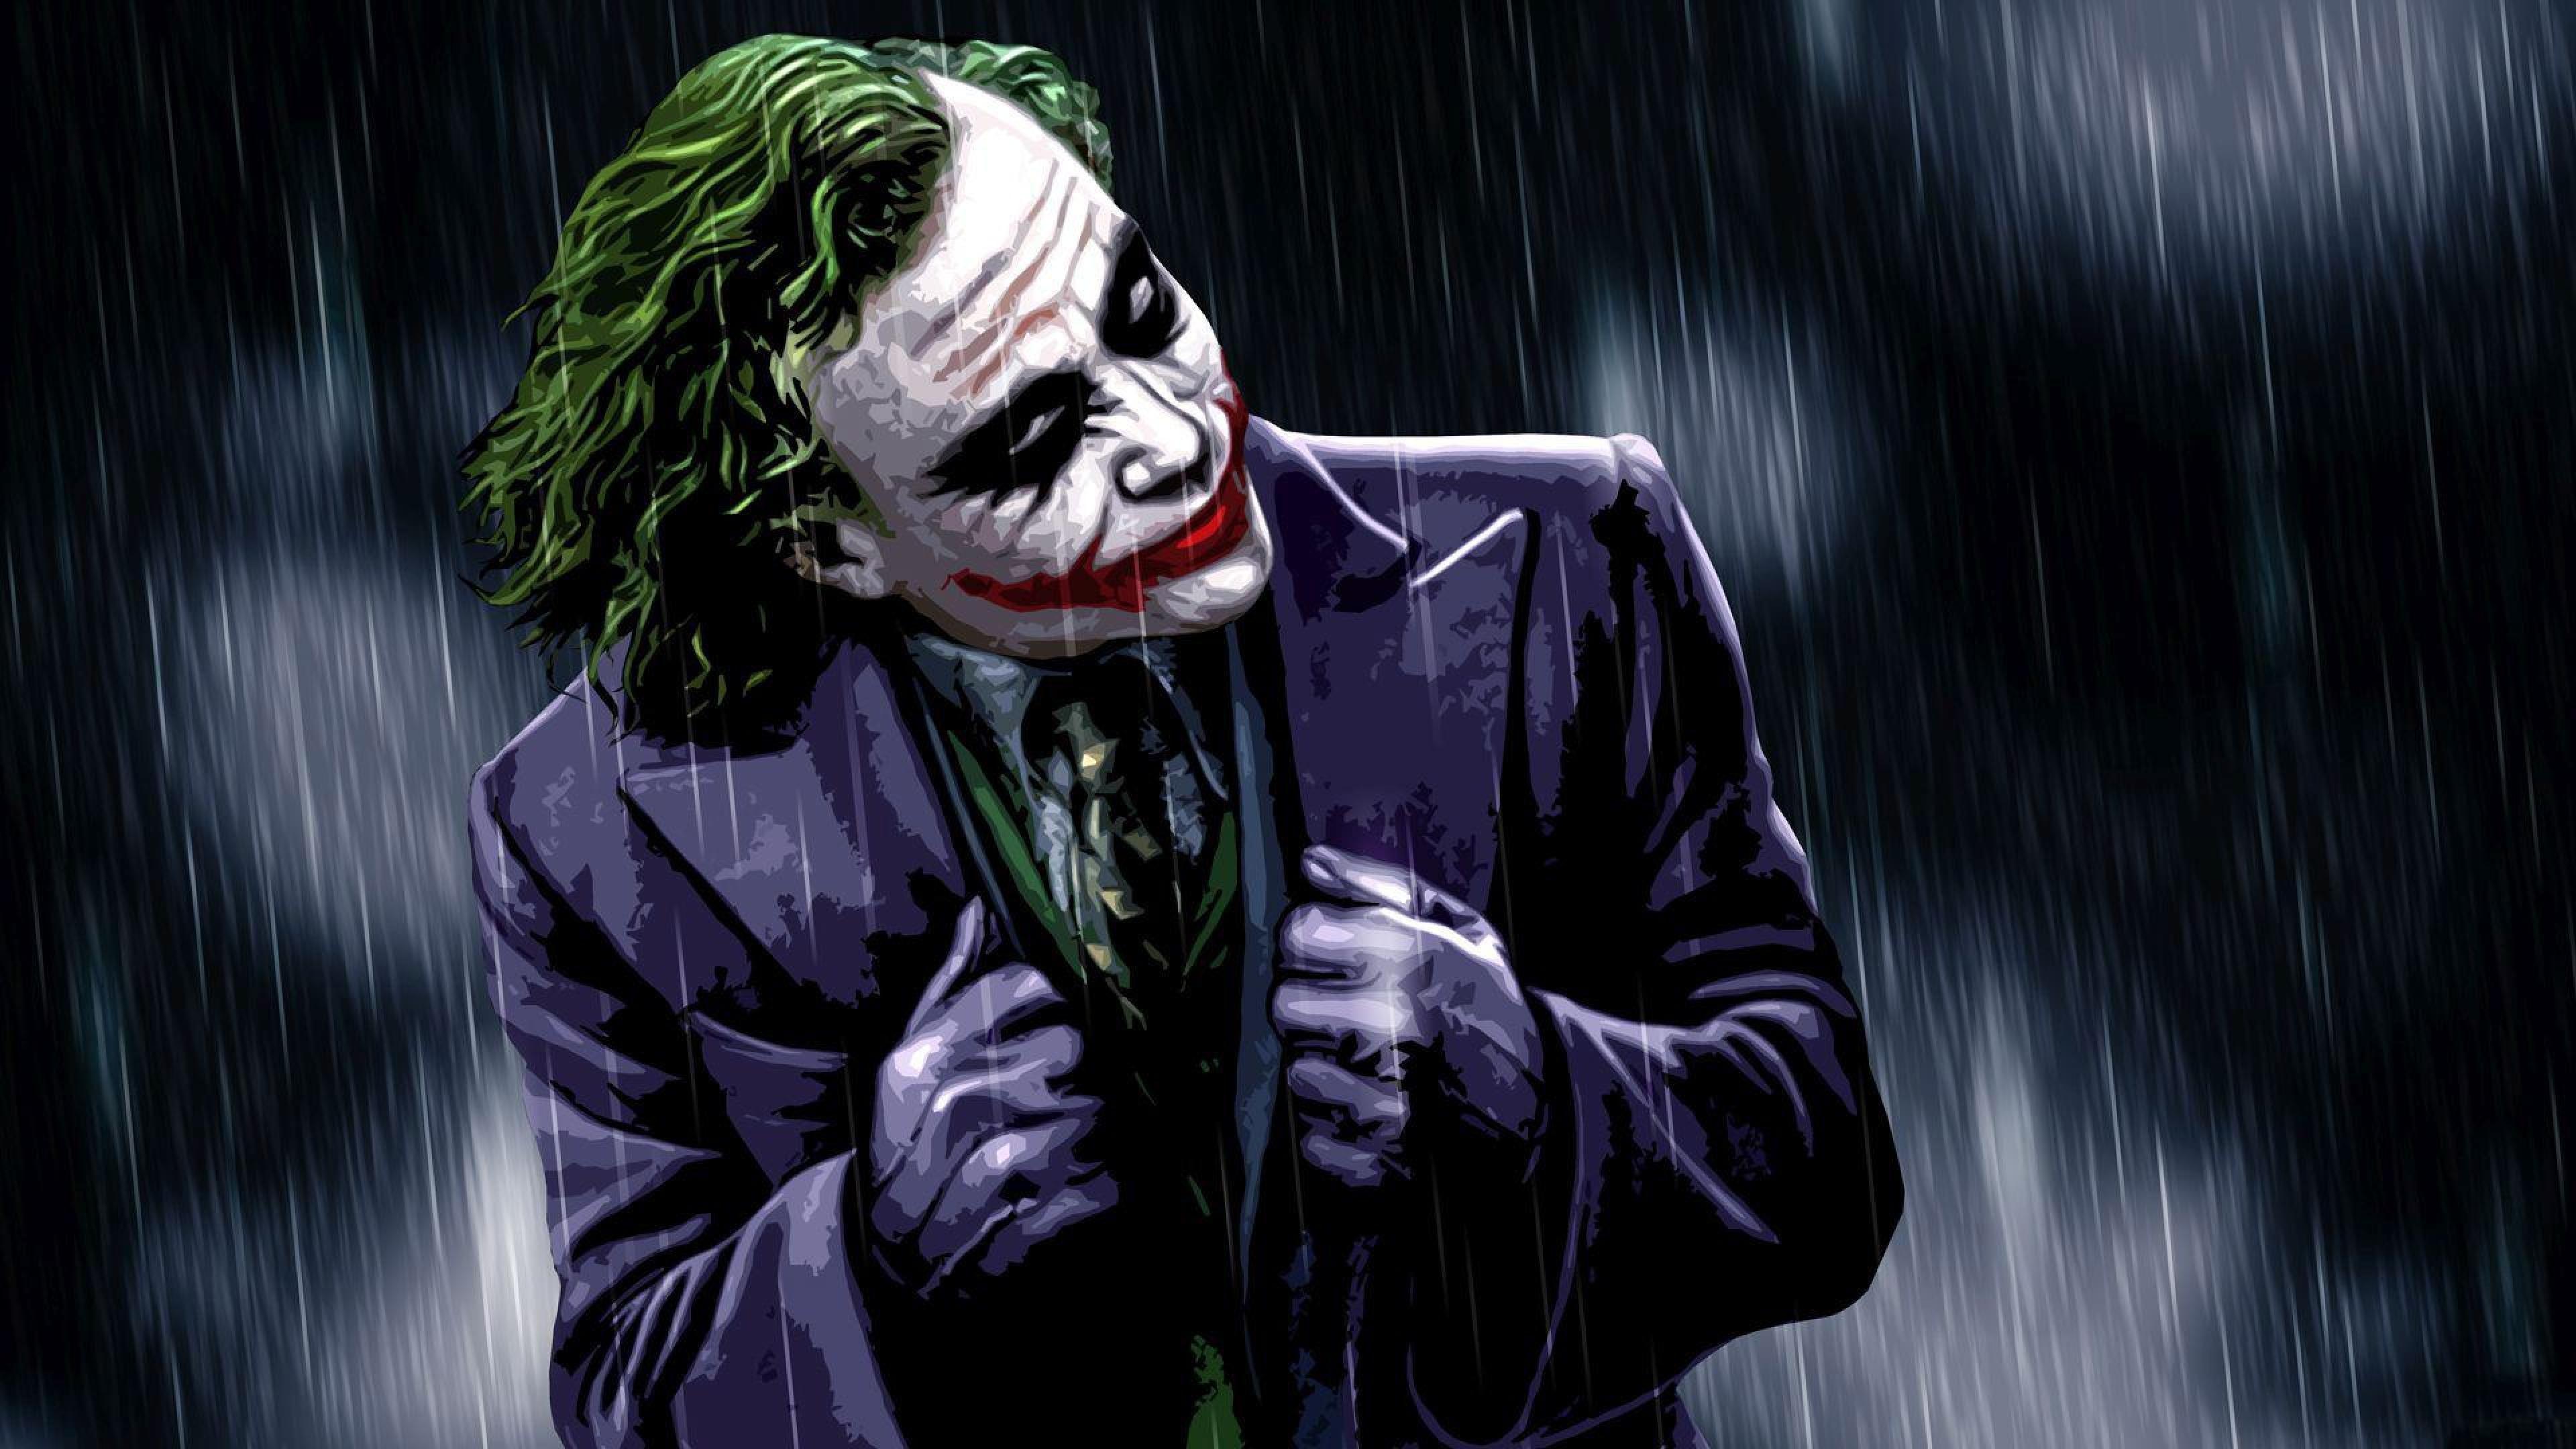 The Joker Supervillain Supervillain Wallpapers Joker Wallpapers Hd Wallpapers Digital Art Wallpap Batman Joker Wallpaper Joker Wallpapers Joker Hd Wallpaper